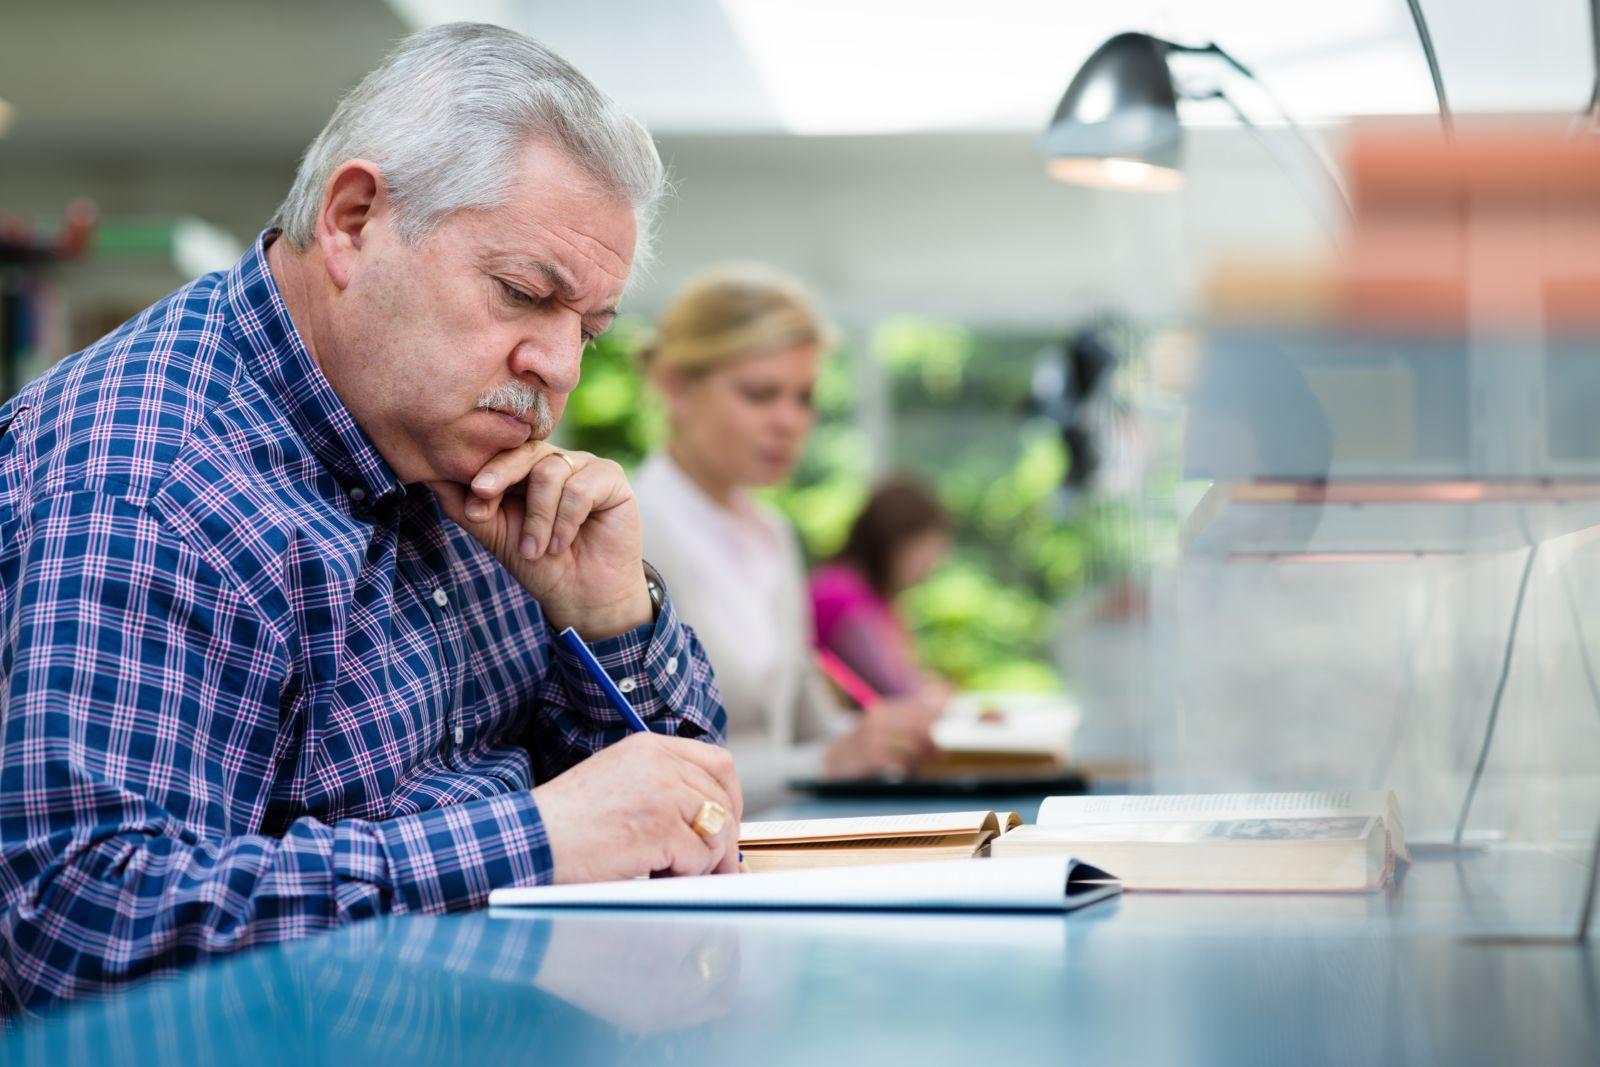 Трудовое законодательство для предпенсионного возраста пенсионные баллы что это такое как посчитать